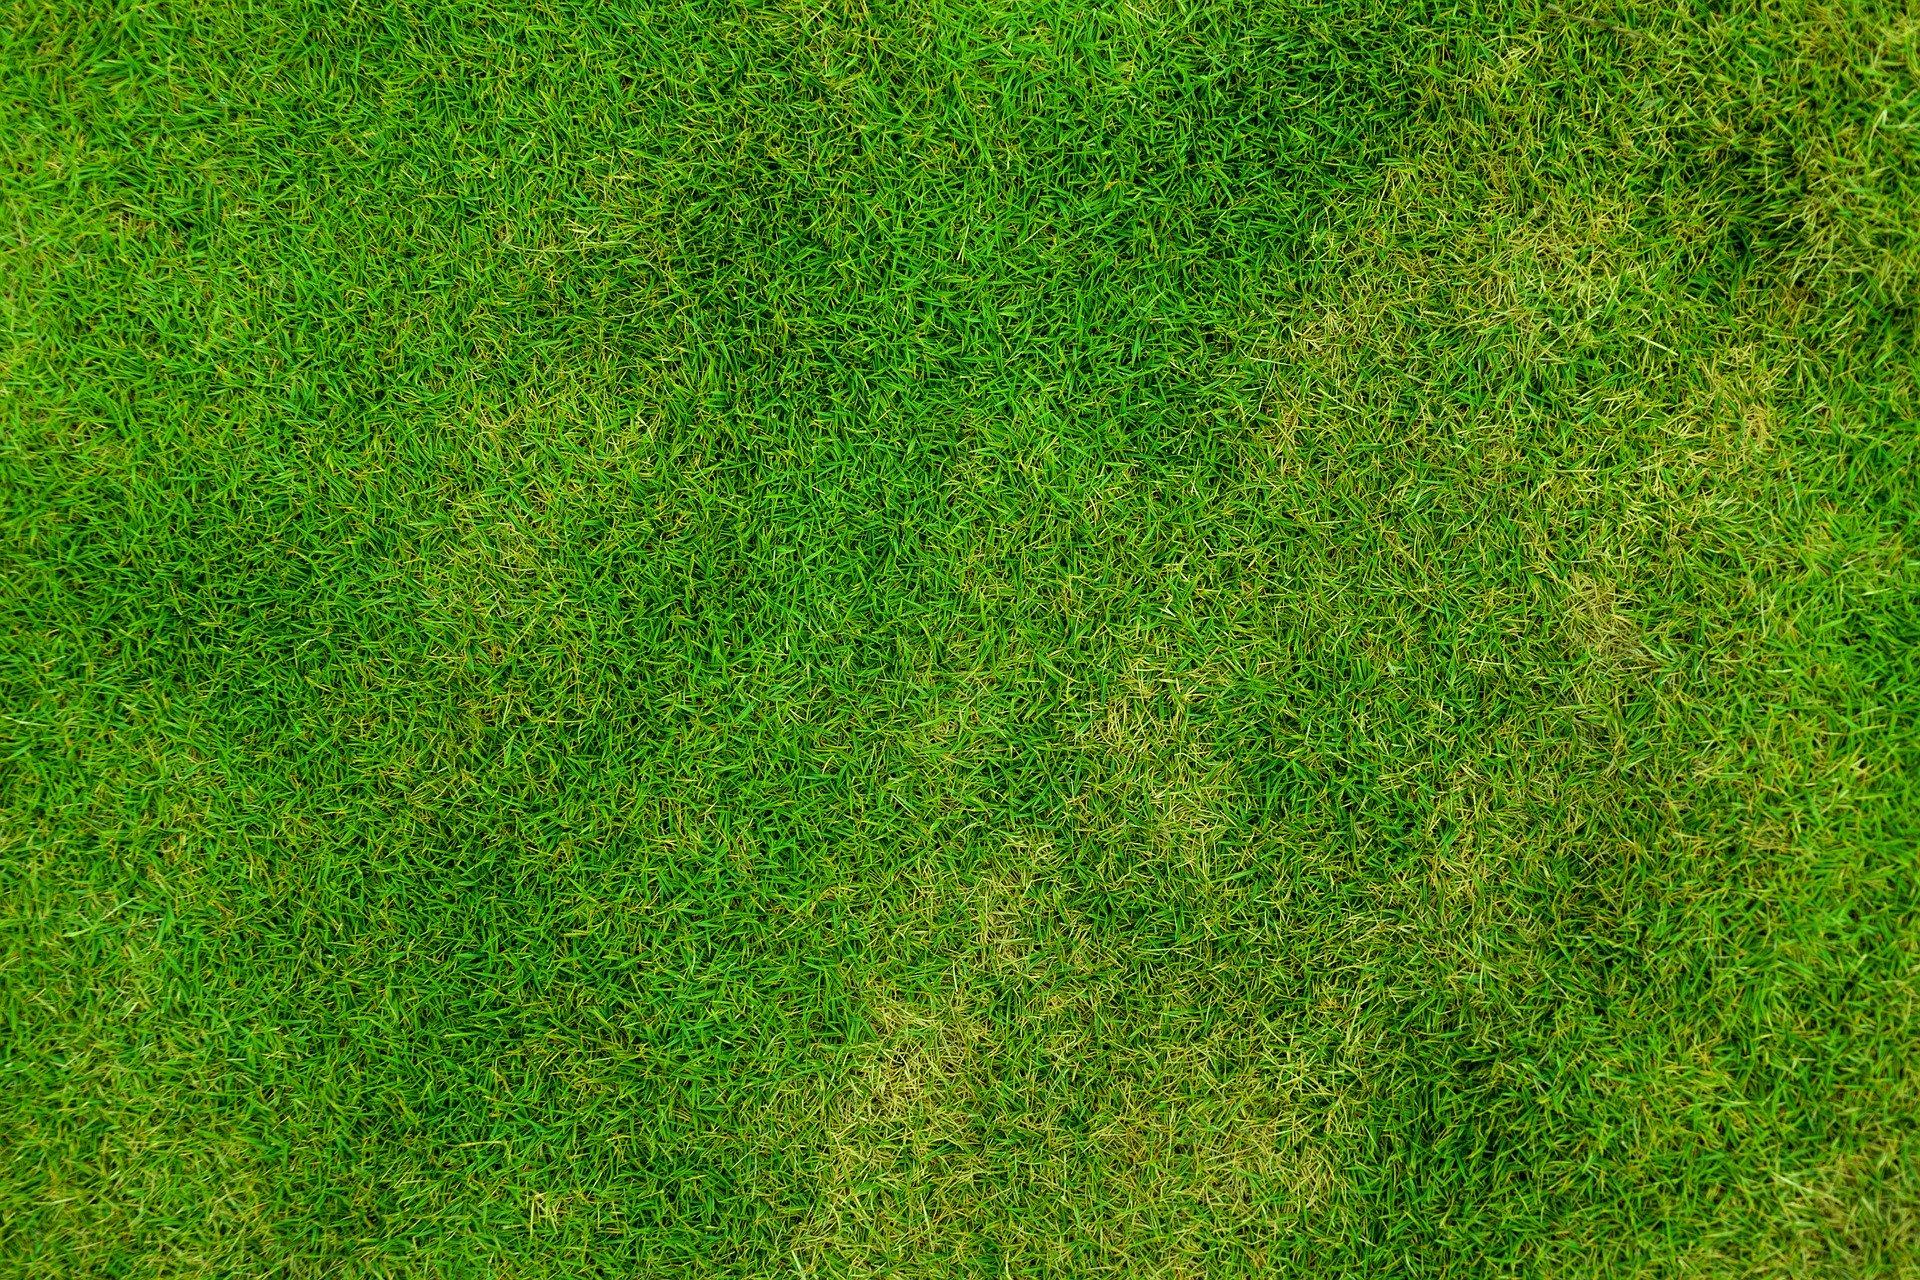 groen gazon tips